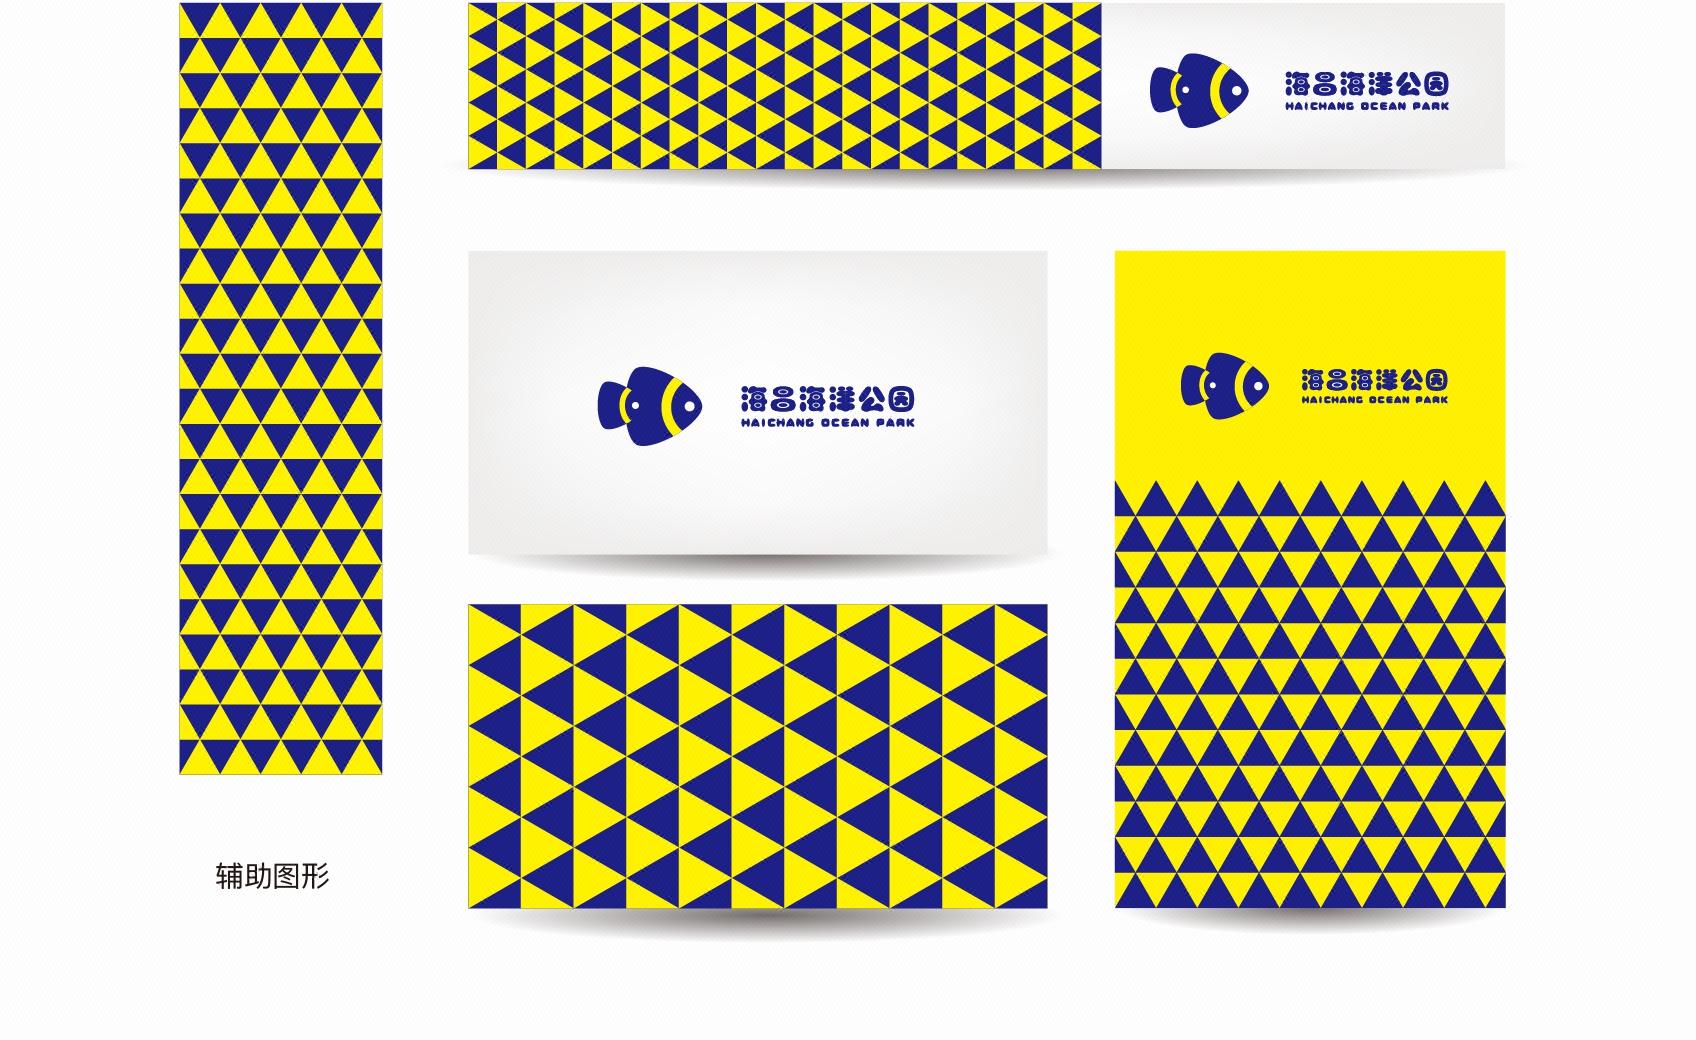 LOGO_字体设计文字logo公司企业品牌标志图标设计11